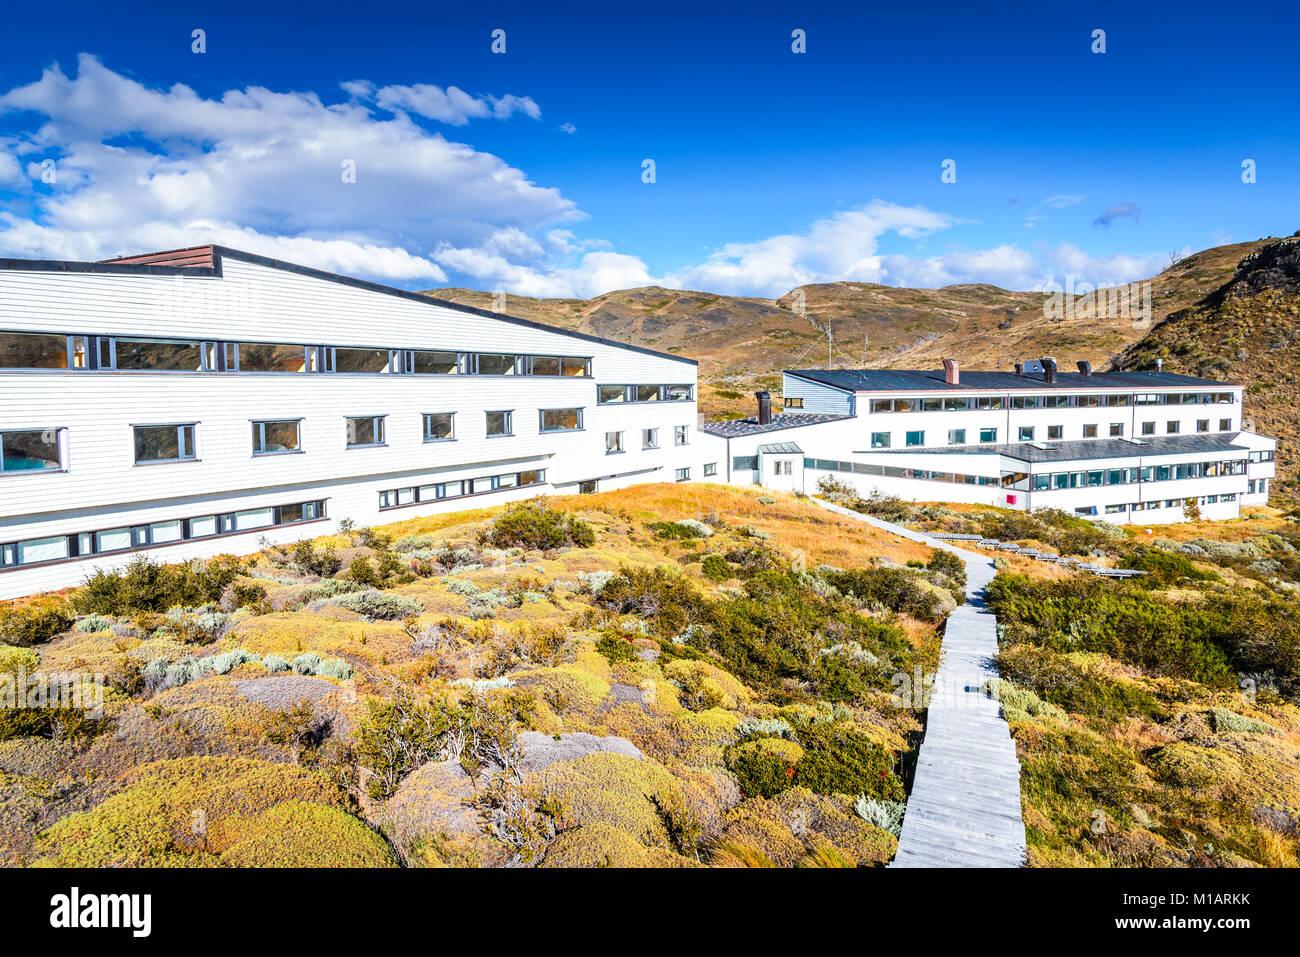 PATAGONIA, Cile - 19 Aprile 2017: Salto Chico, Torres del Paine, Cile. Autunno paesaggio australe in Patagonia con Immagini Stock